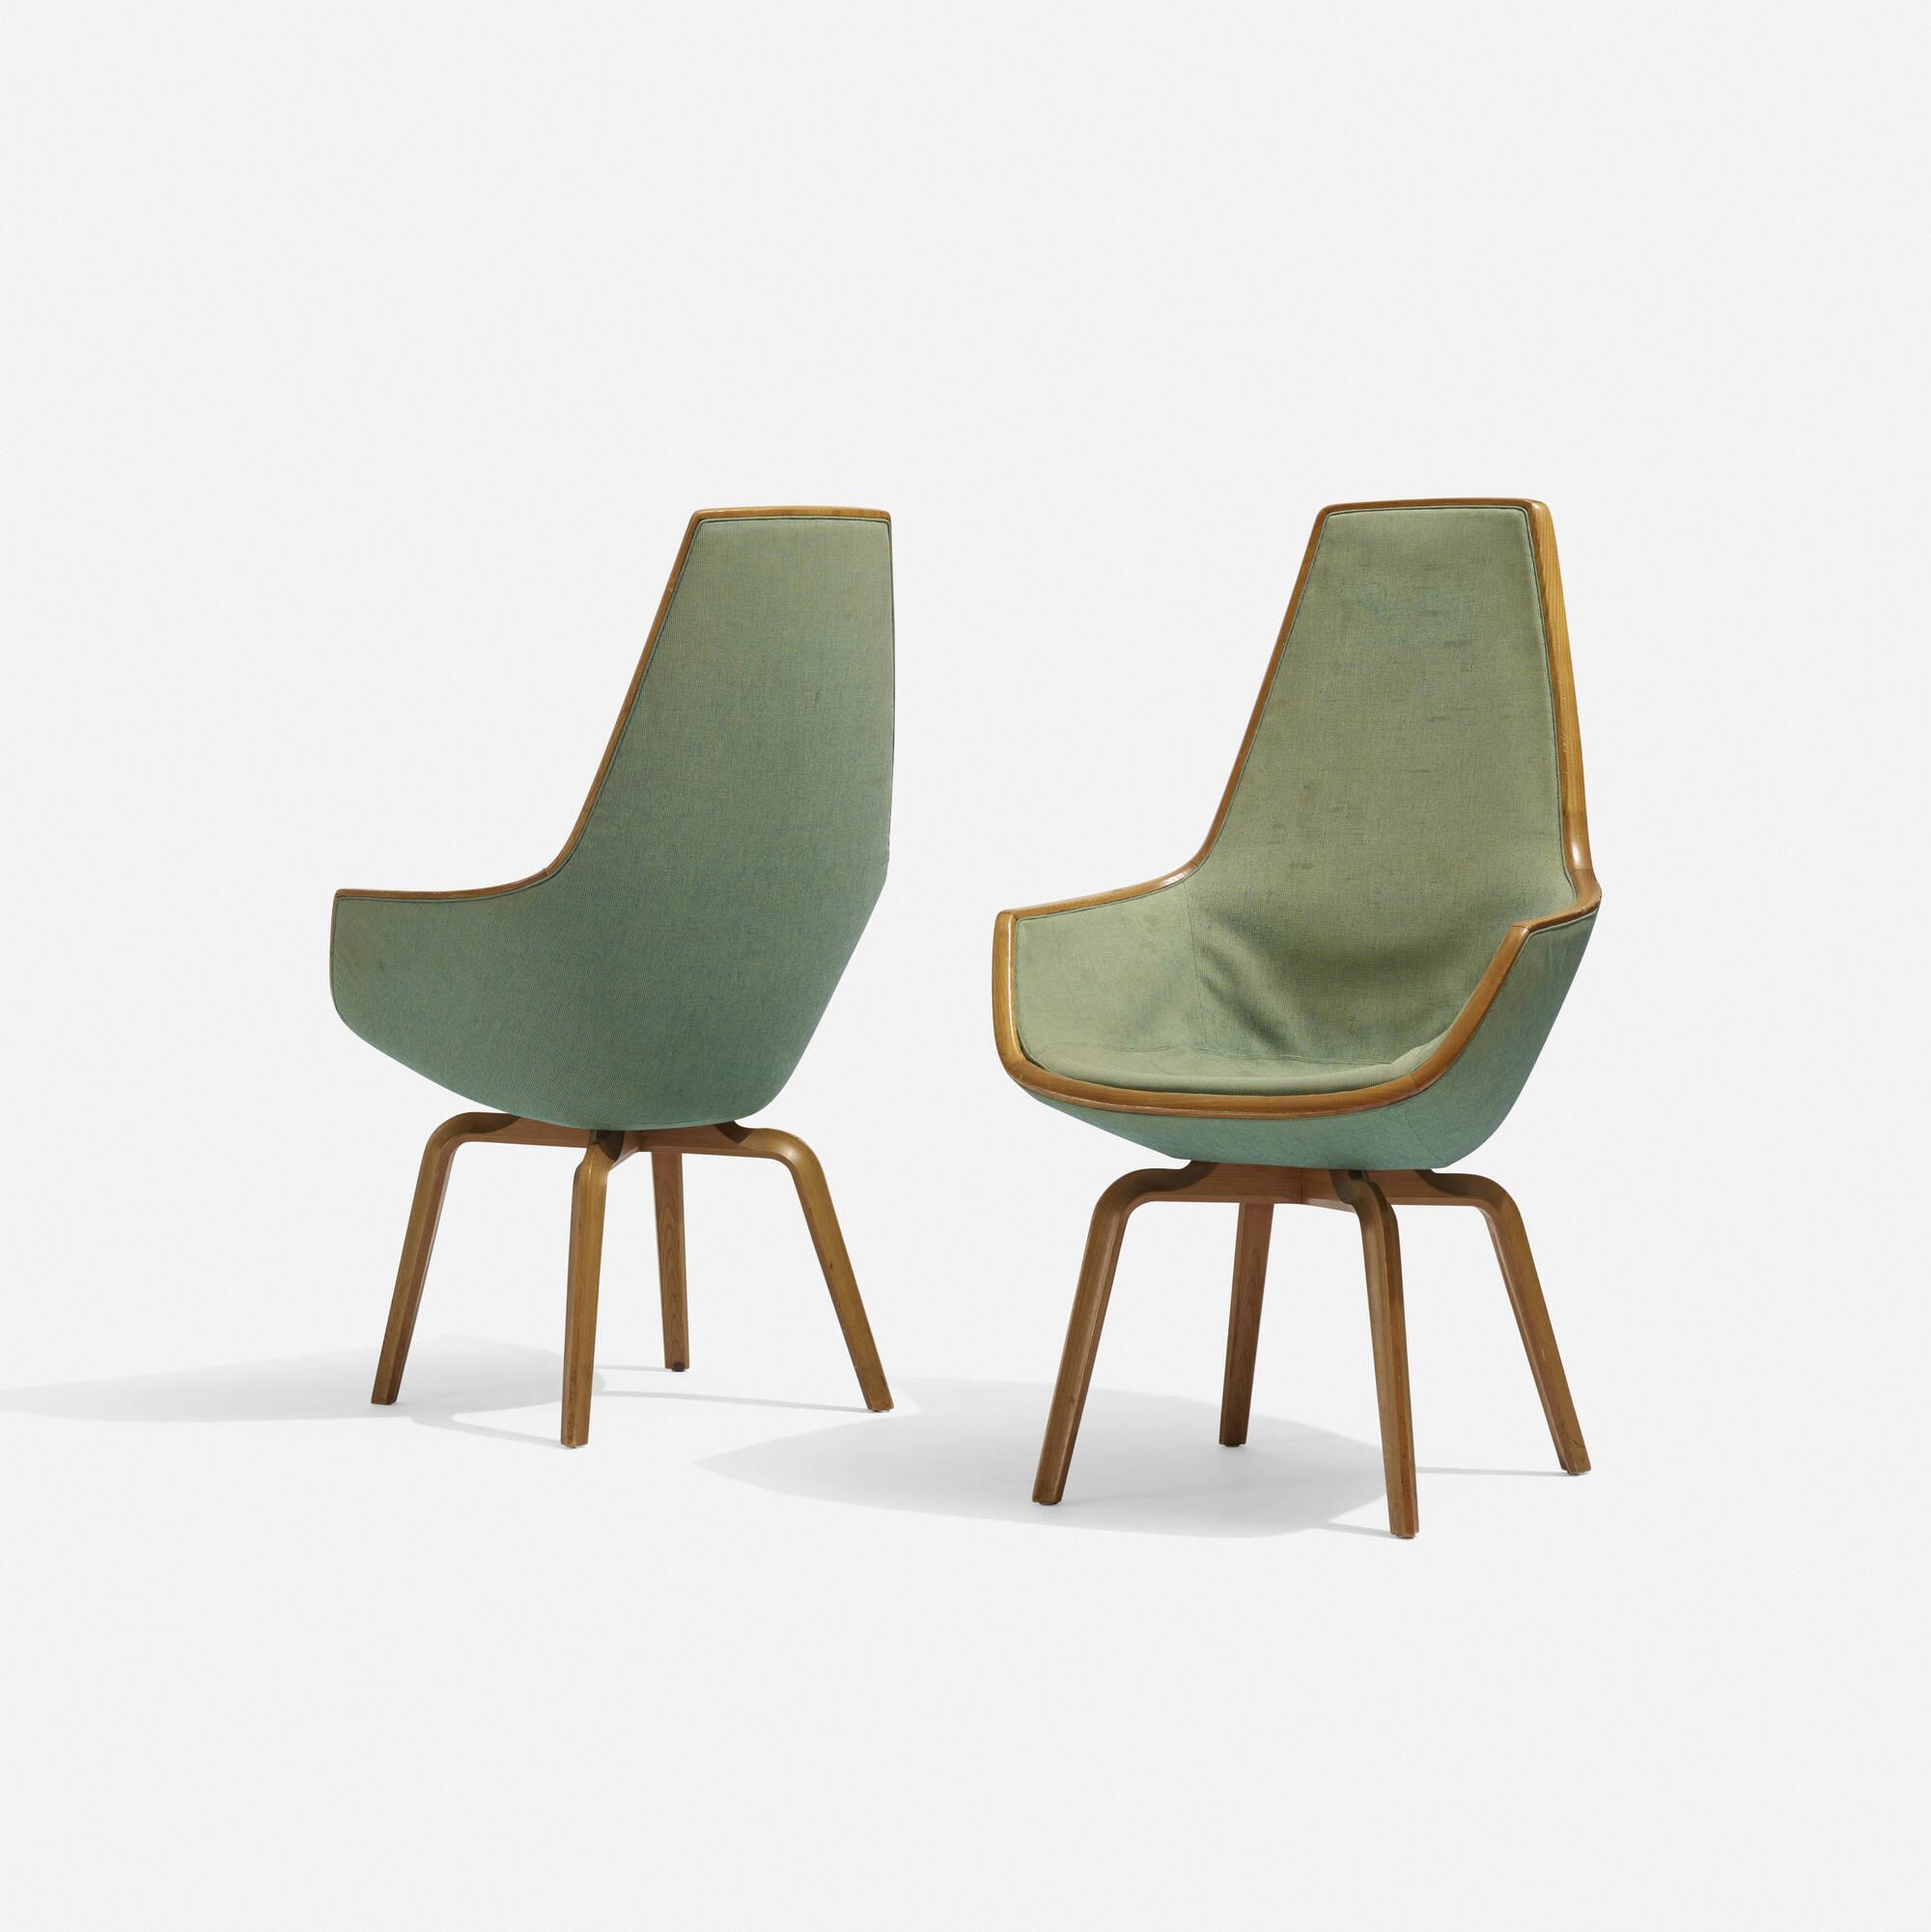 ... 119: Arne Jacobsen / Pair Of Giraffe Chair From The SAS Royal Hotel,  Copenhagen